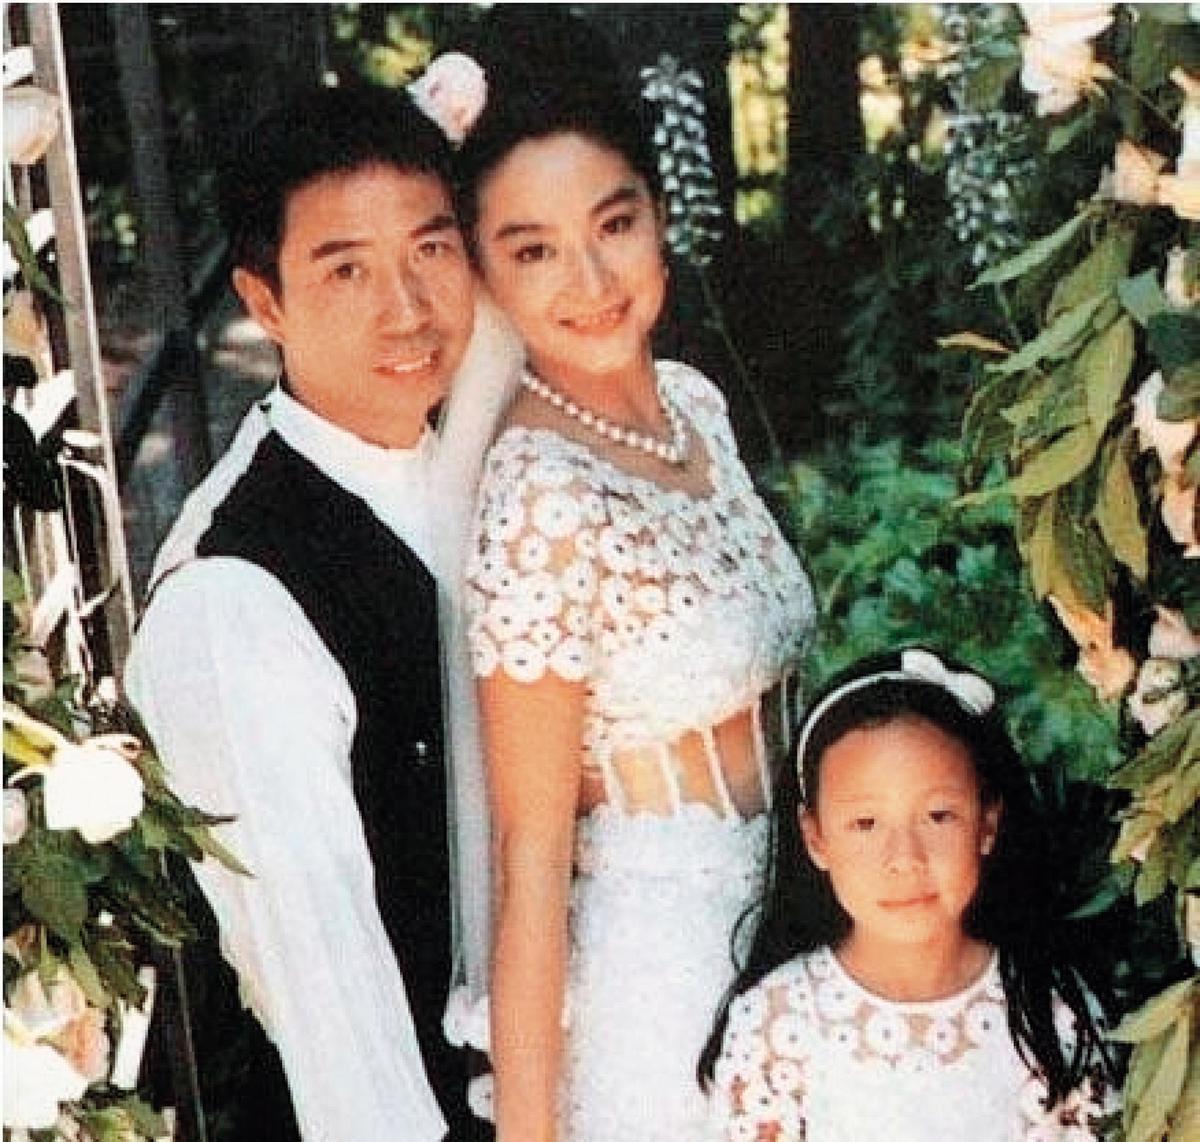 當年林青霞嫁給邢李㷧,在舊金山舉行盛大的戶外婚禮,滿園布滿了林青霞最愛的香檳玫瑰。(翻攝自《聚焦吧》)